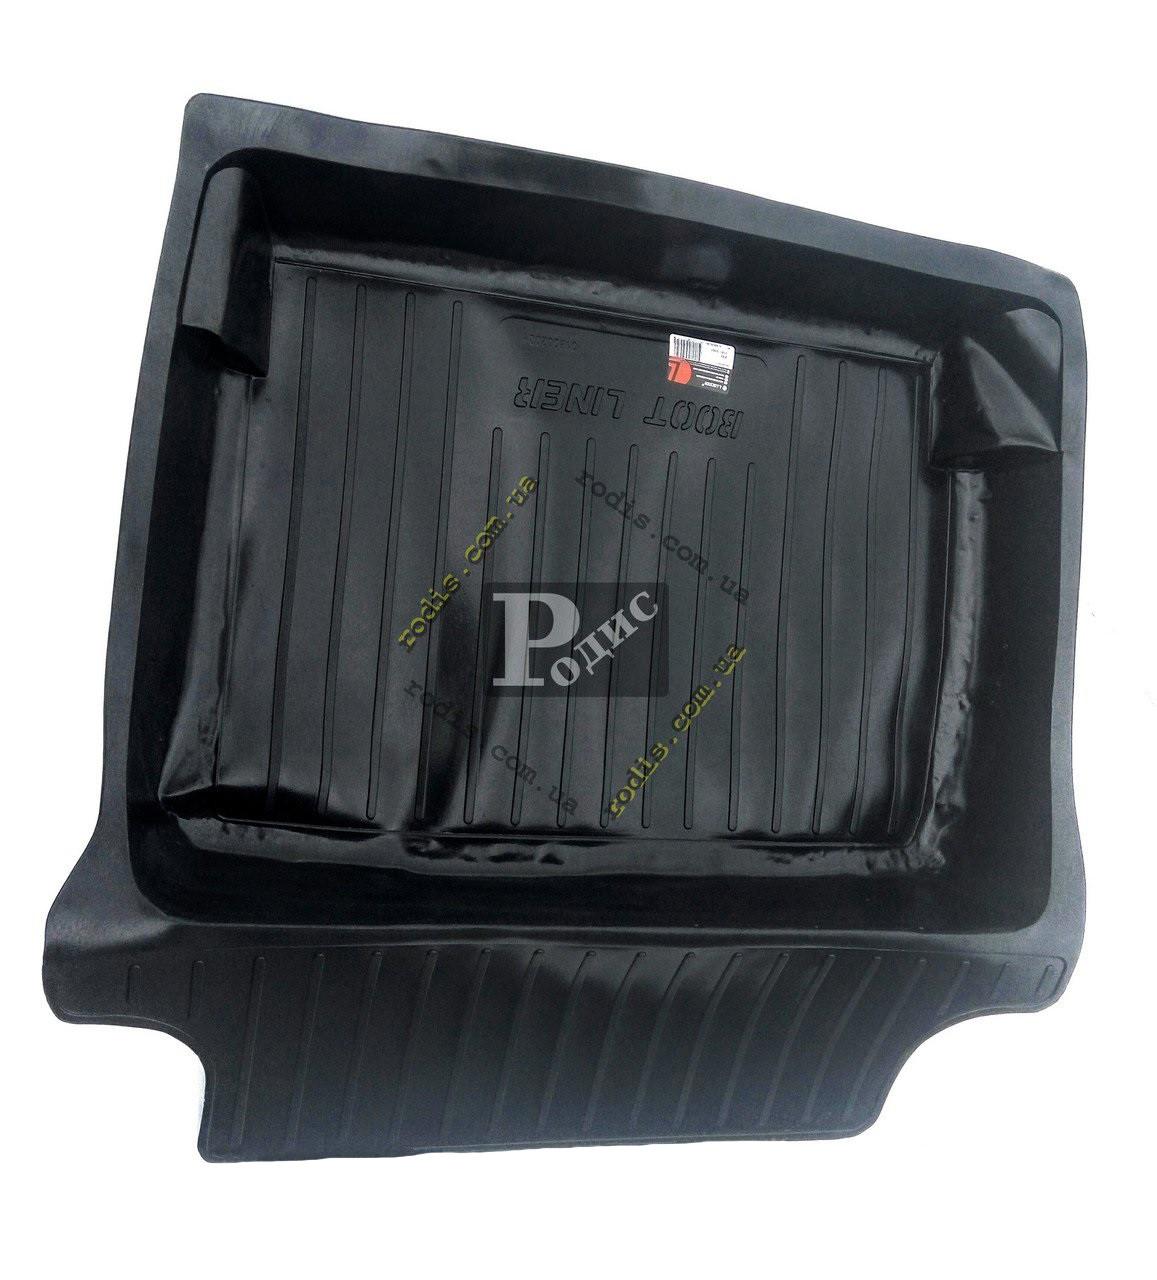 Килим багажника ВАЗ 2105, 2107 — килимок багажника Лада 2107, 2105